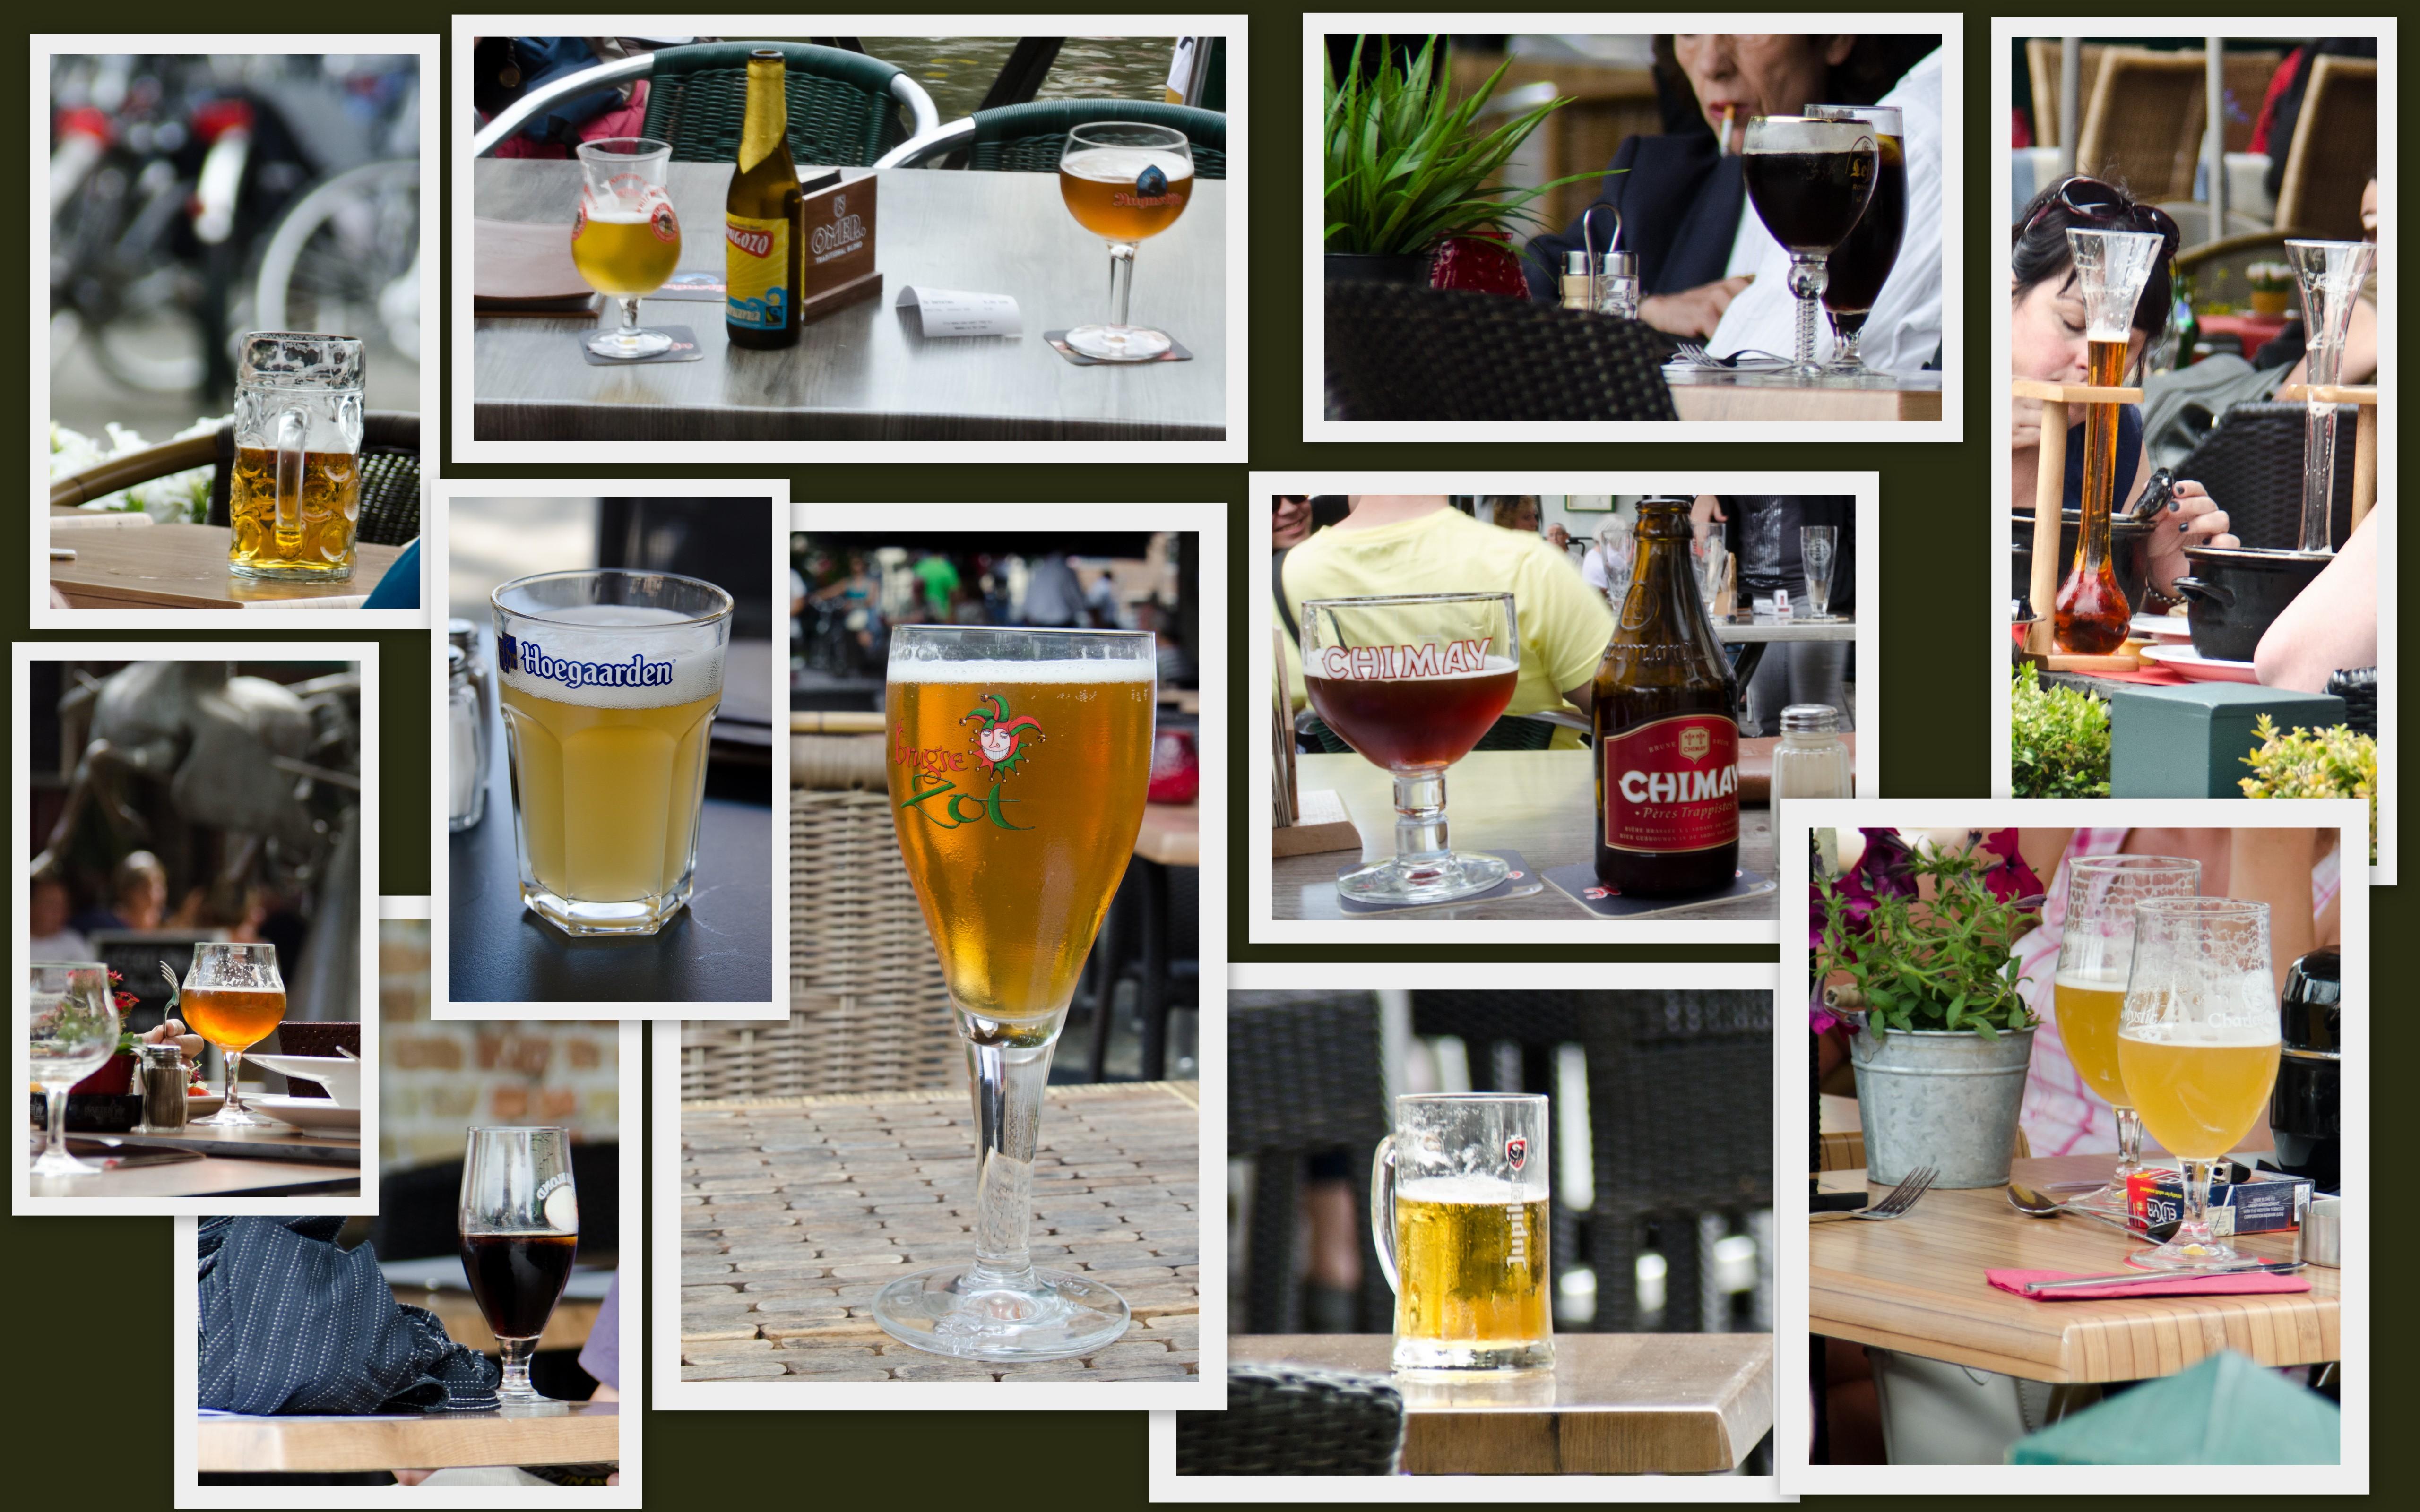 Bere belgiană